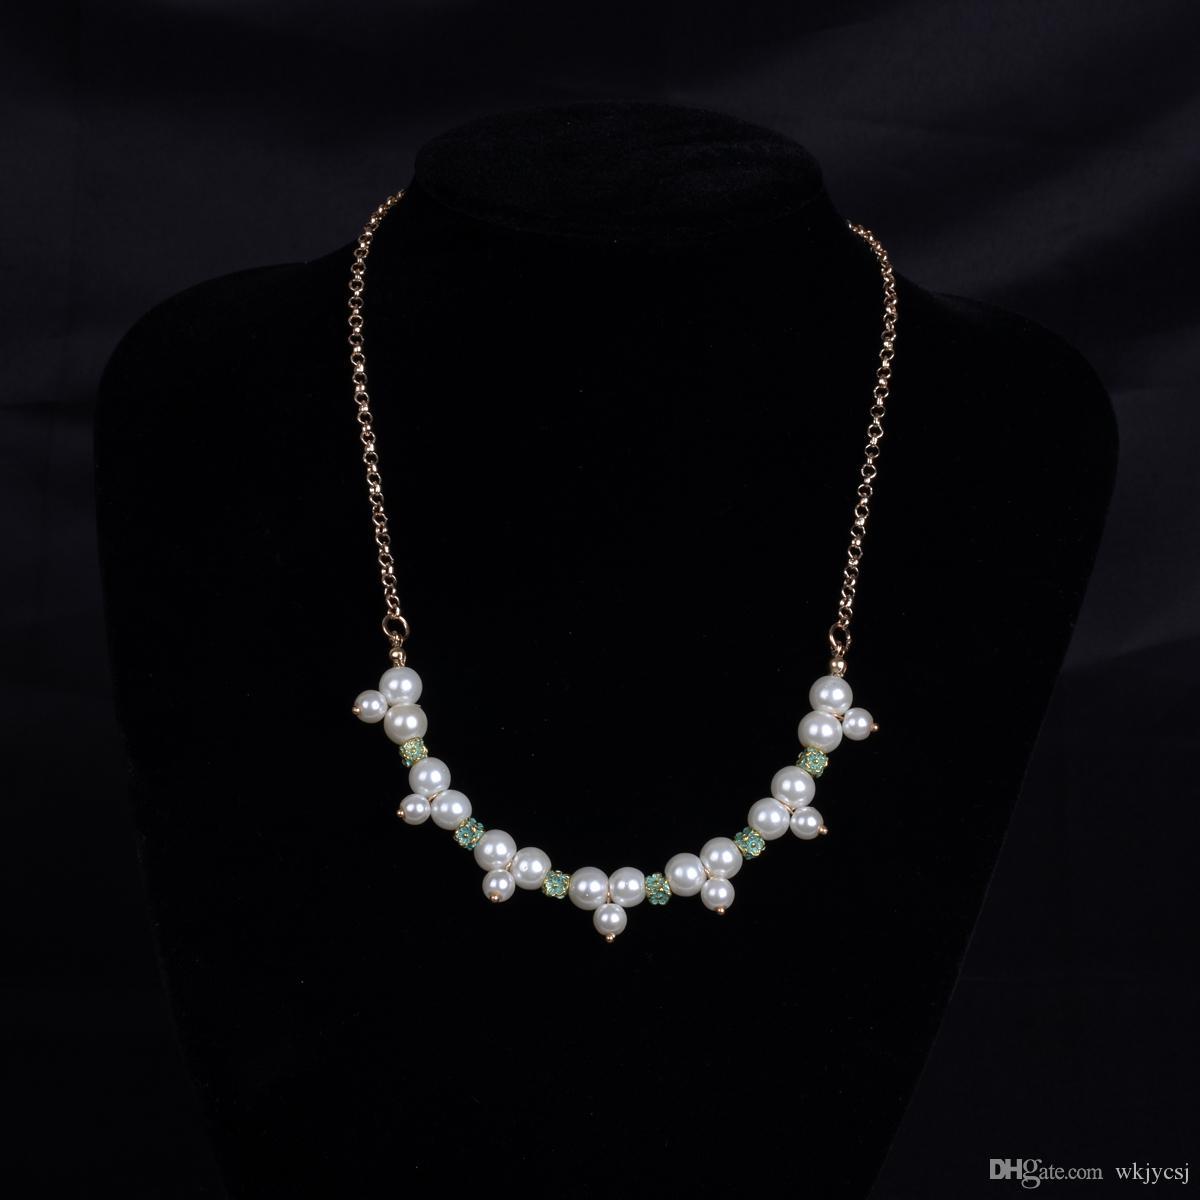 4000b926f952 Compre Collar Blanco Y Dorado Joyas Fornidas Collar De Perlas ...